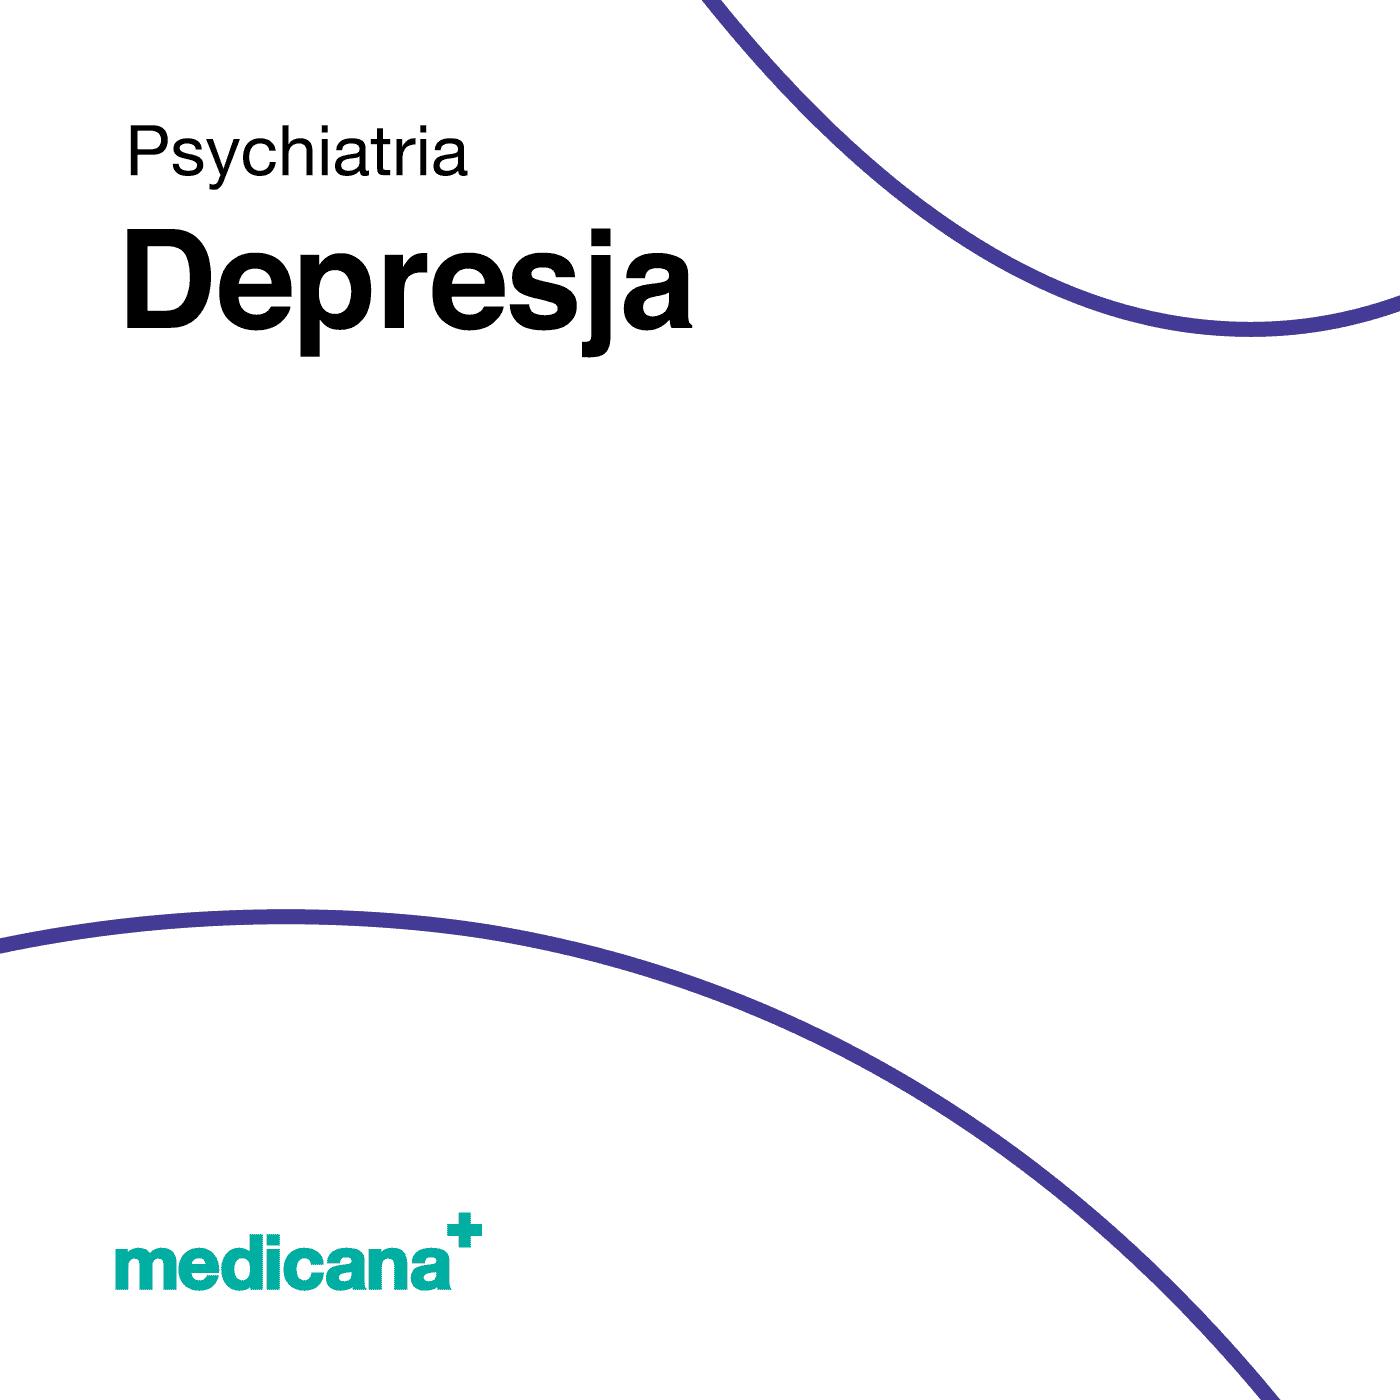 Grafika, białe tło z granatową kreską, czarnym napisem Psychiatria - Depresja oraz zielonym logo Medicana w lewym dolnym rogu.